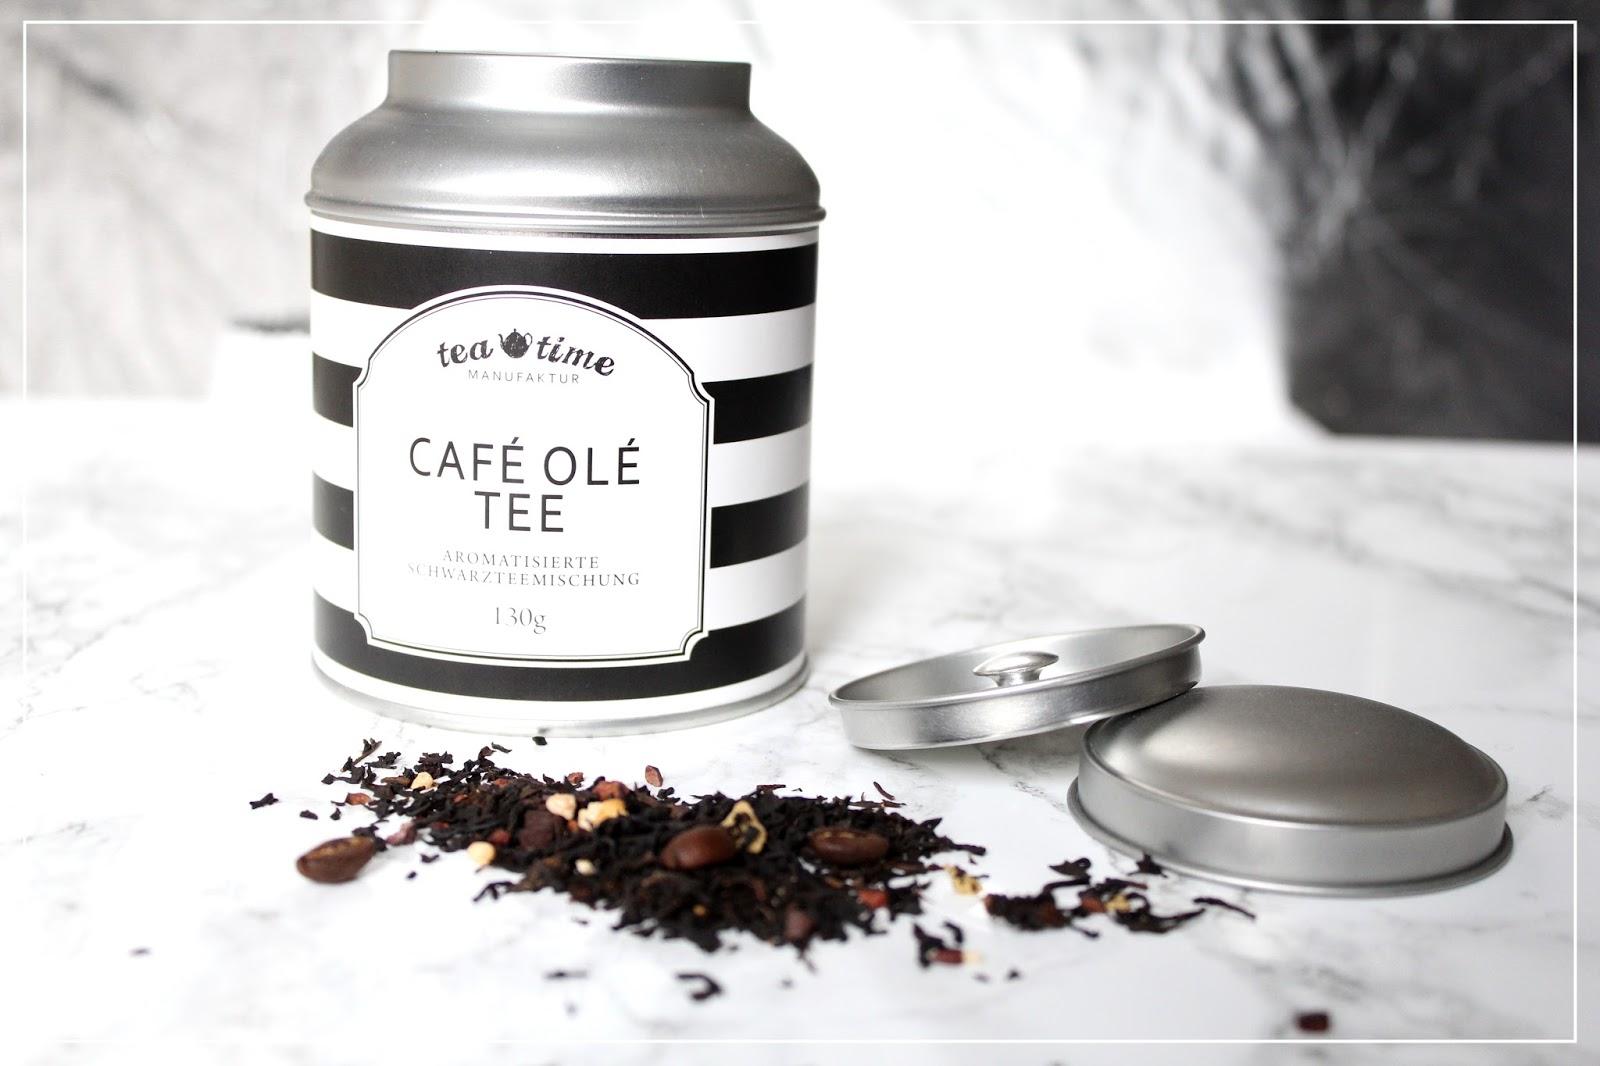 vergissmeinnicht caf ol tee schwarztee und milchkaffee in einem. Black Bedroom Furniture Sets. Home Design Ideas